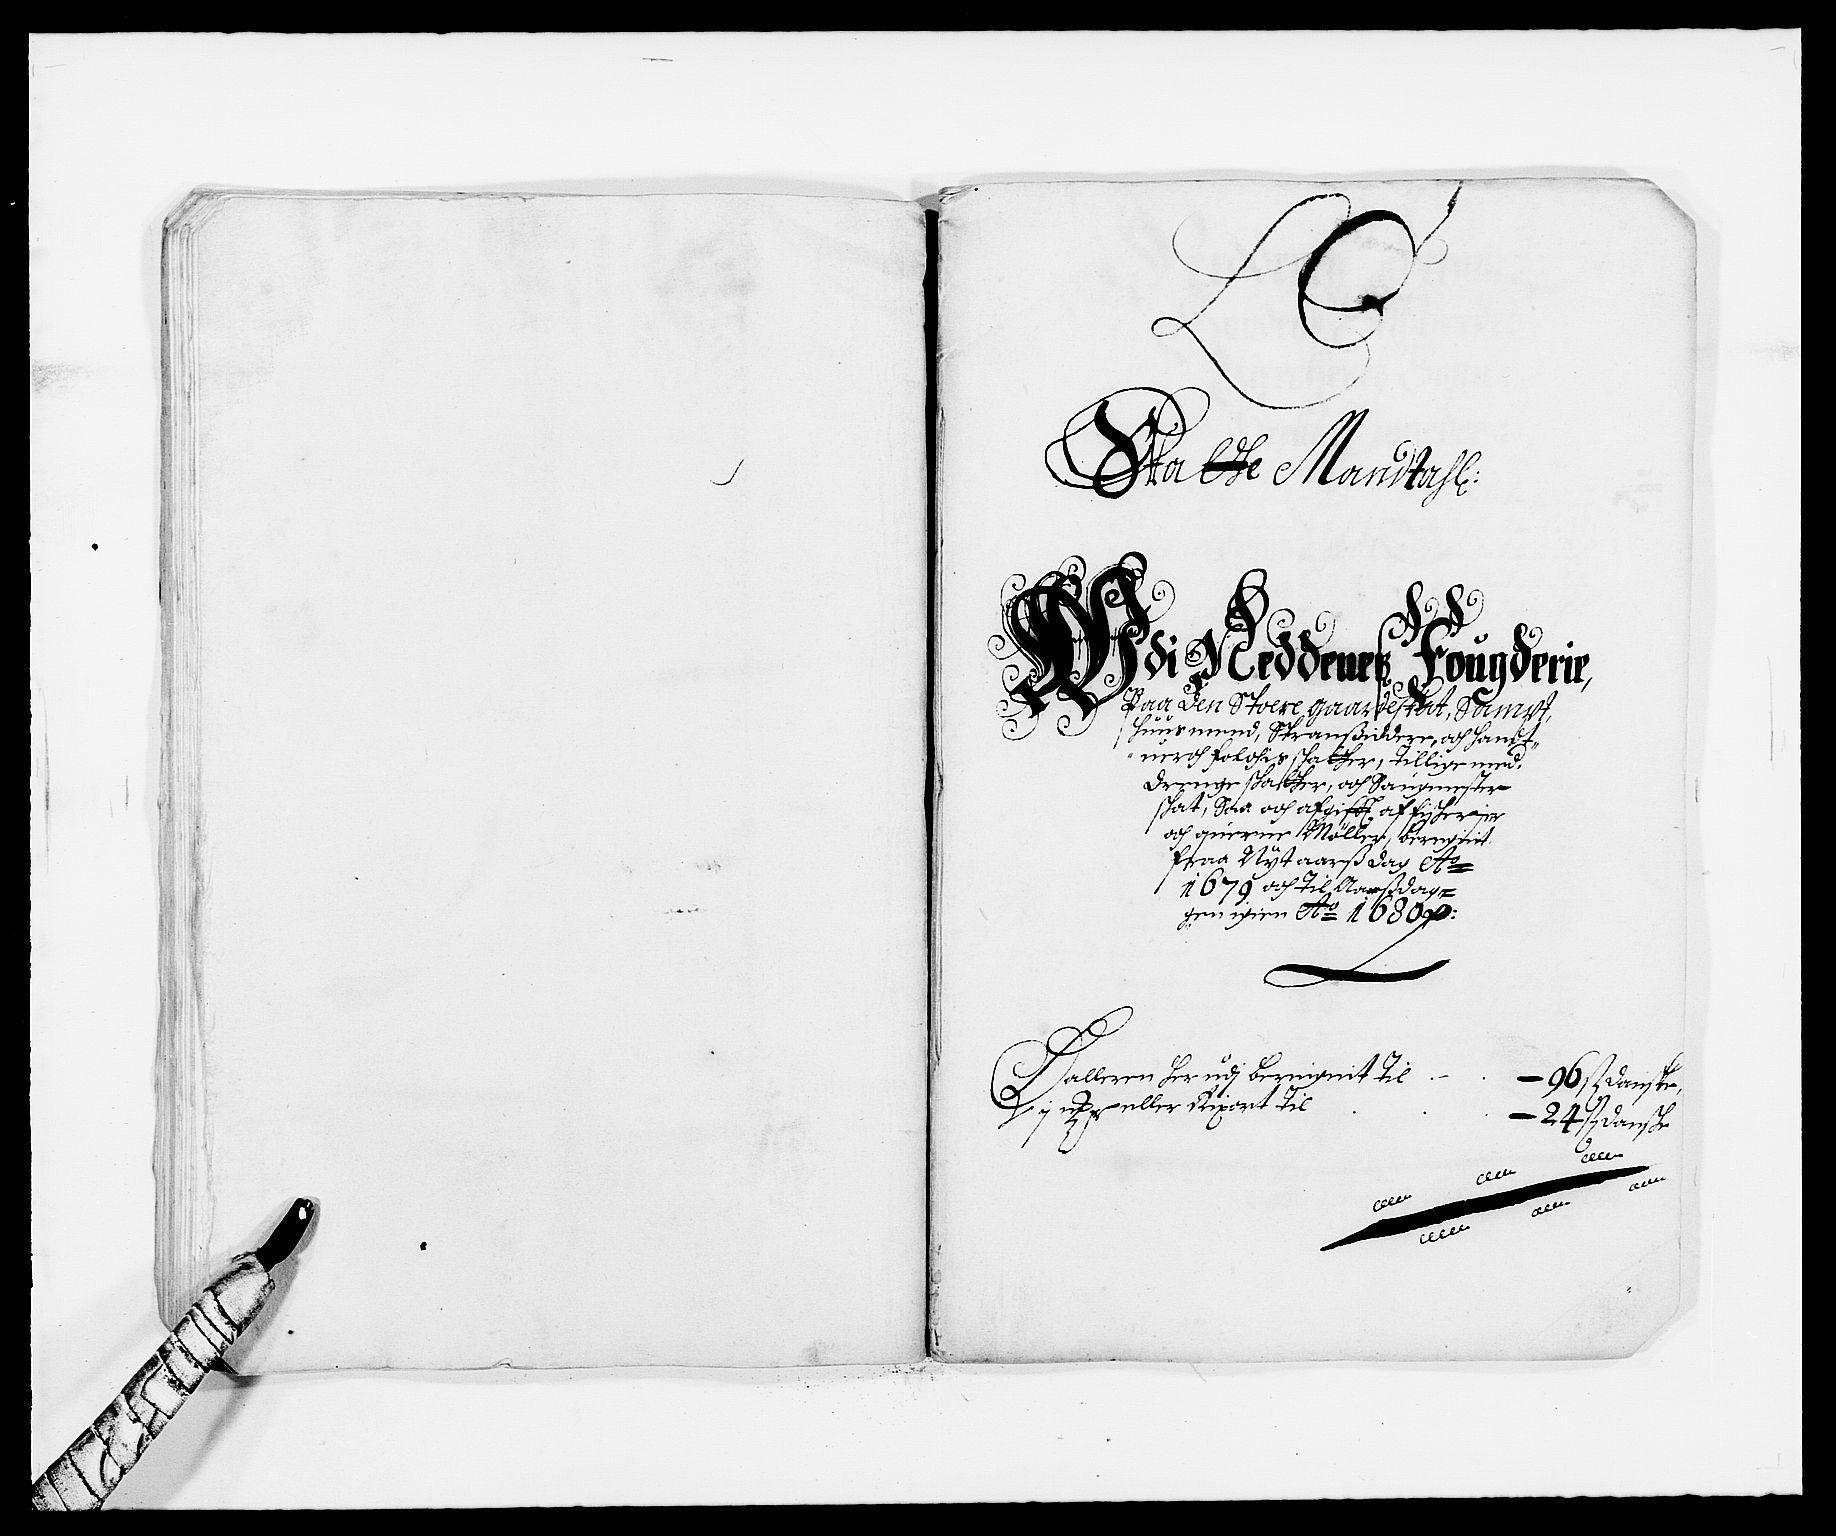 RA, Rentekammeret inntil 1814, Reviderte regnskaper, Fogderegnskap, R39/L2303: Fogderegnskap Nedenes, 1679, s. 47